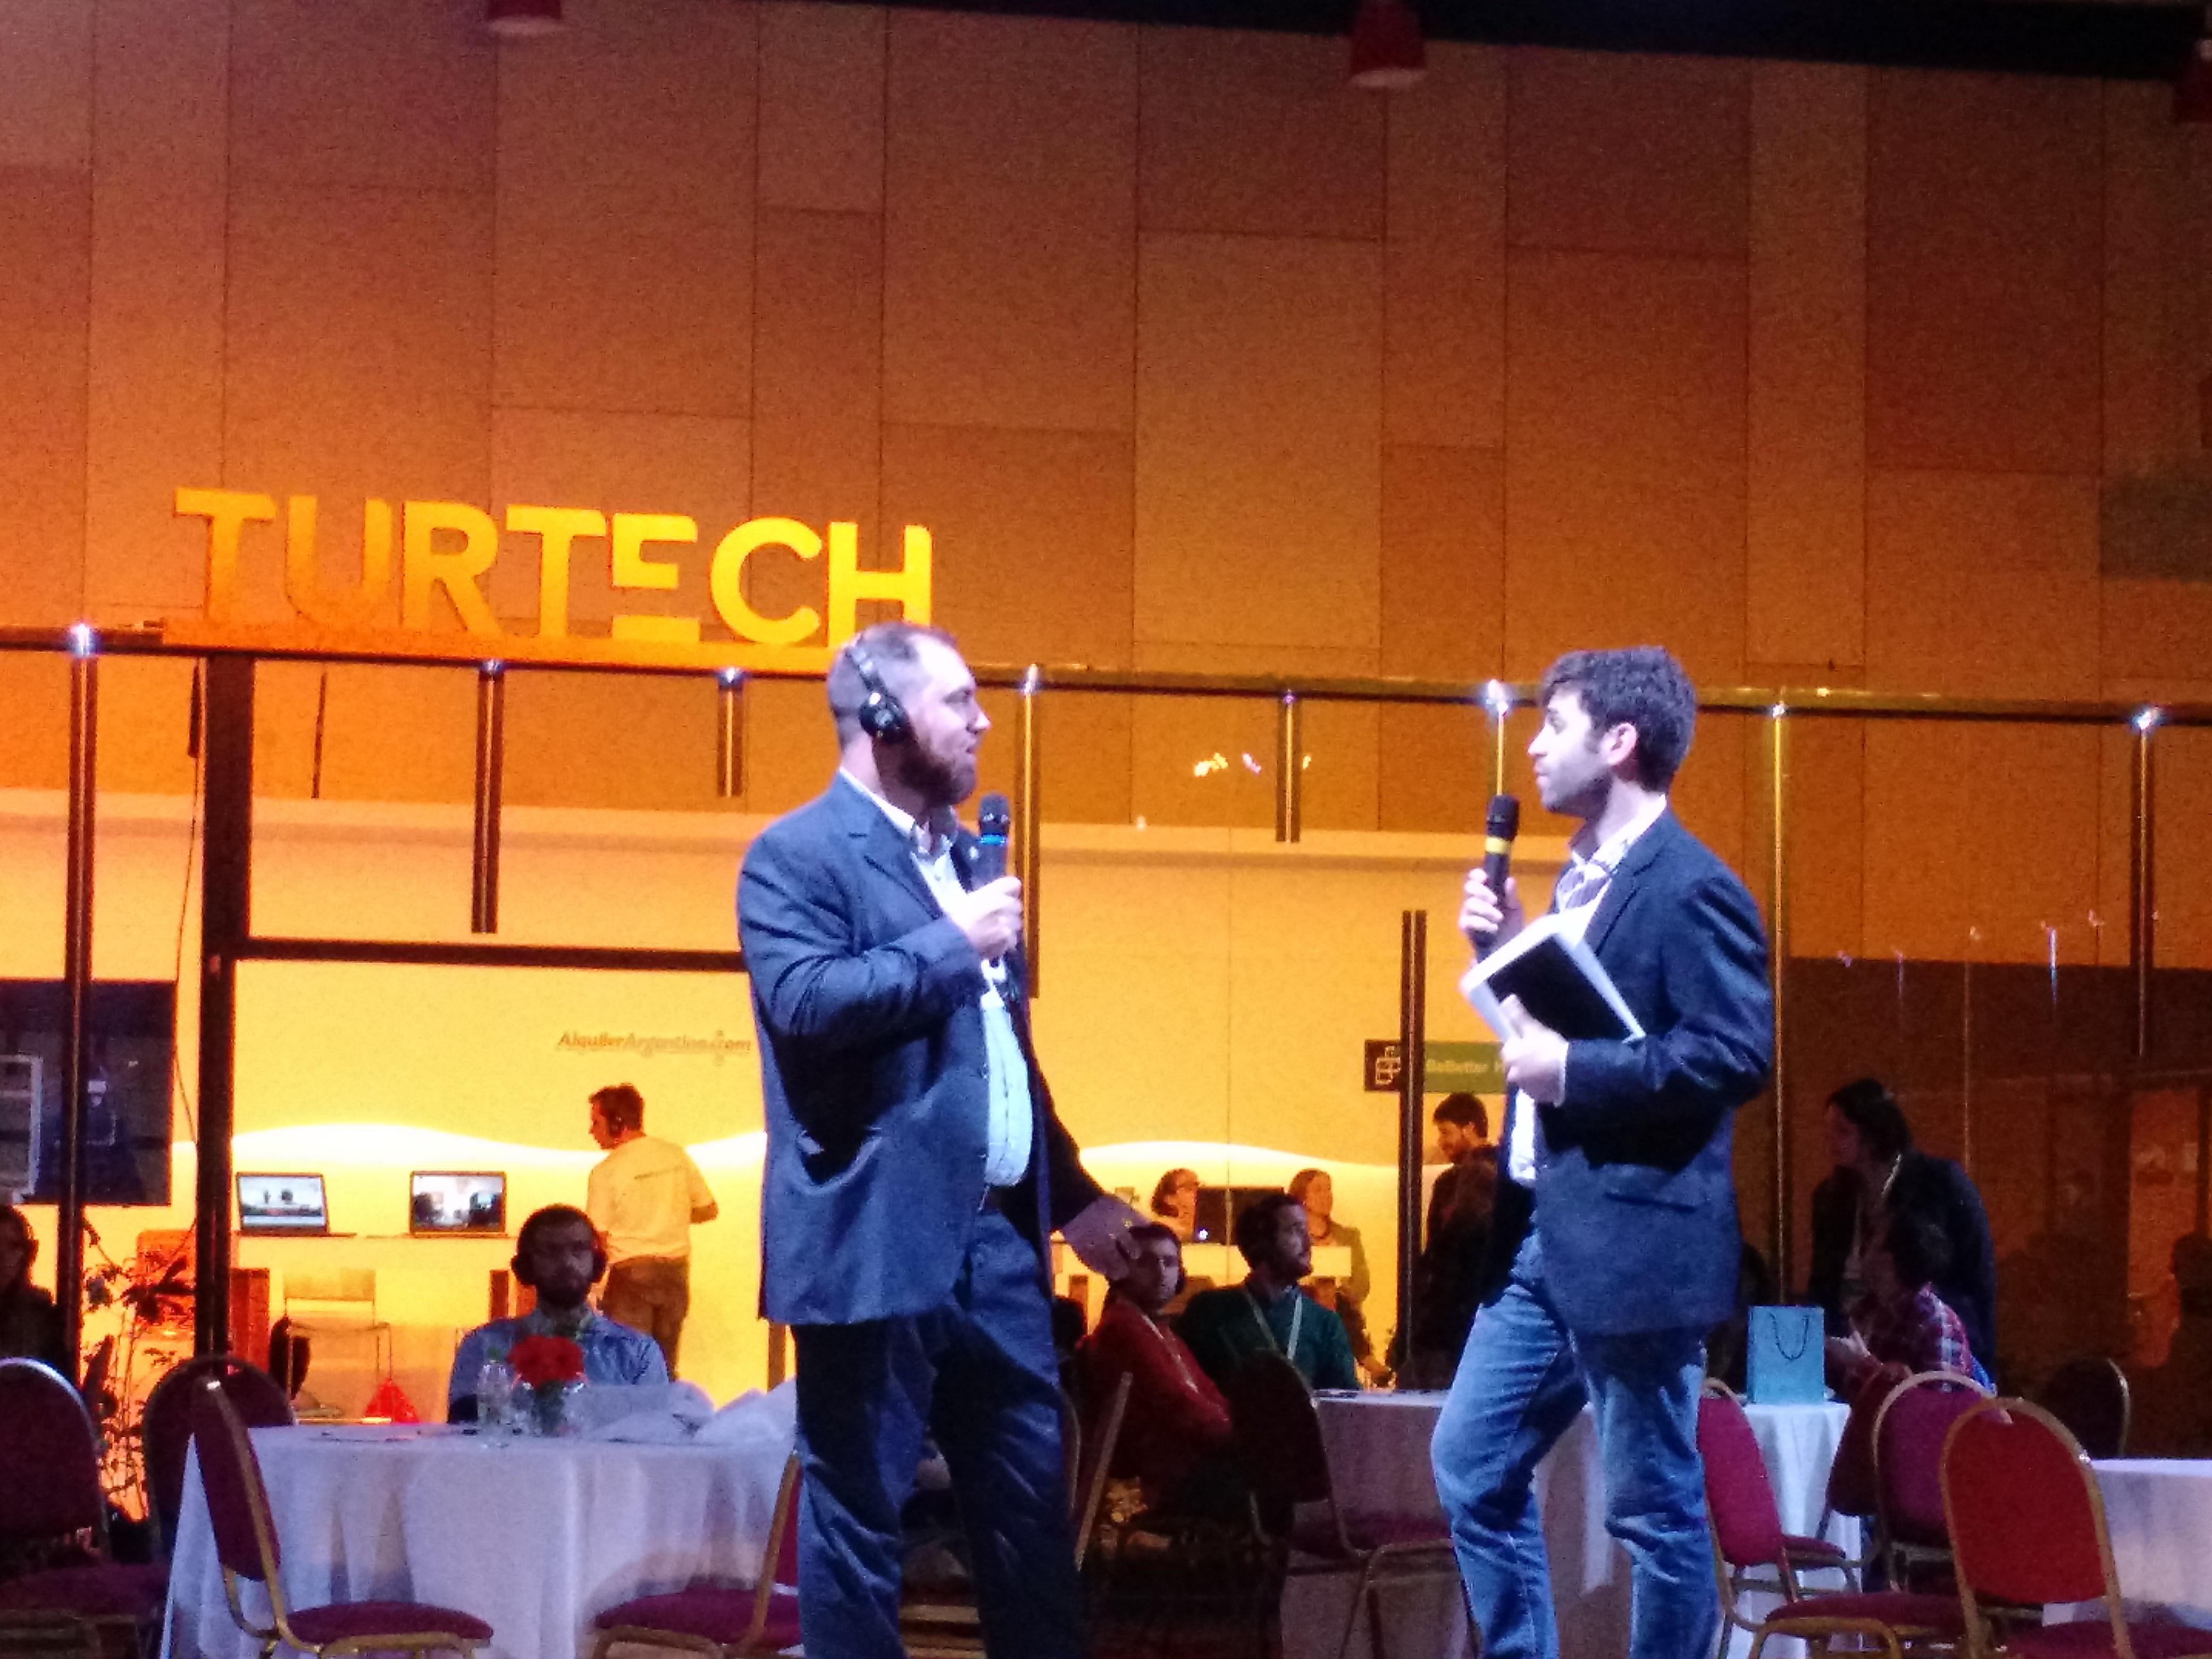 Turtech: El turismo y la tecnología se potencian para ofrecer una mejor experiencia